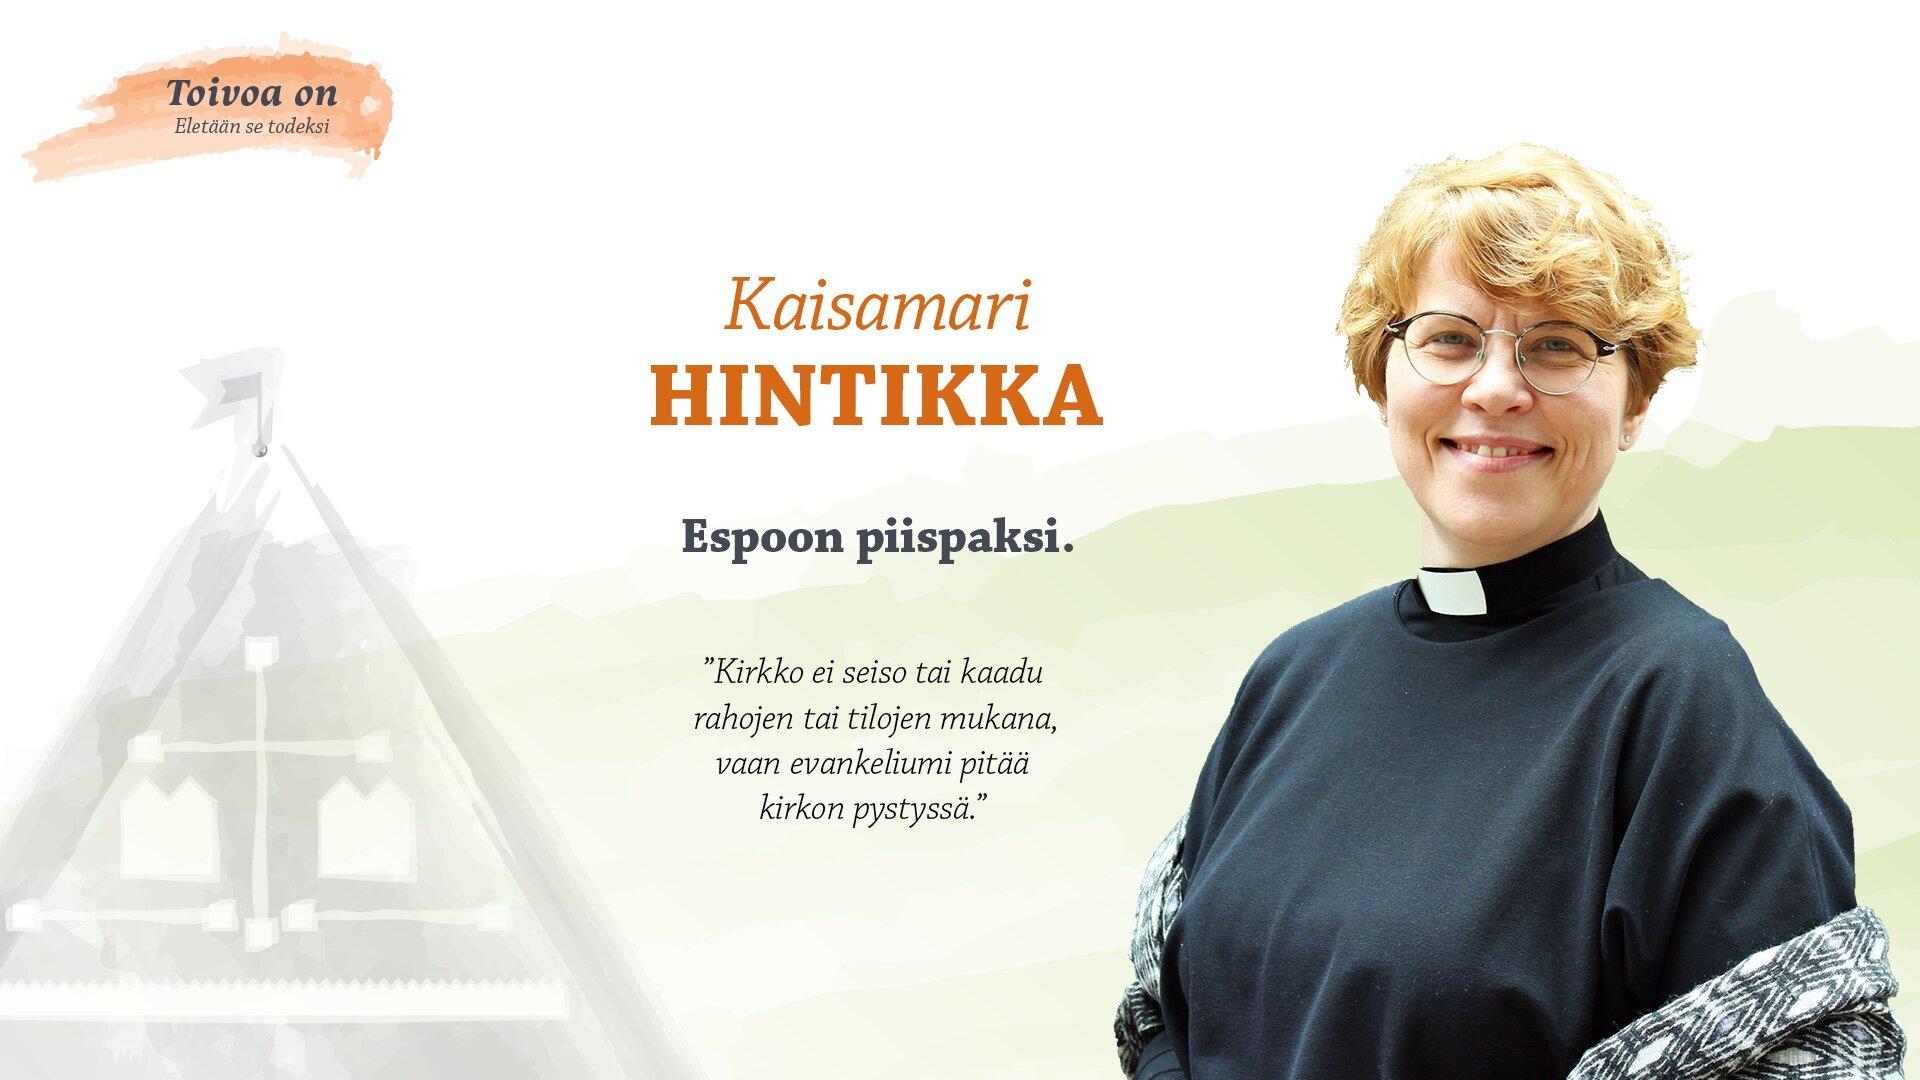 Kaisamari Hintikka Espoon piispaksi